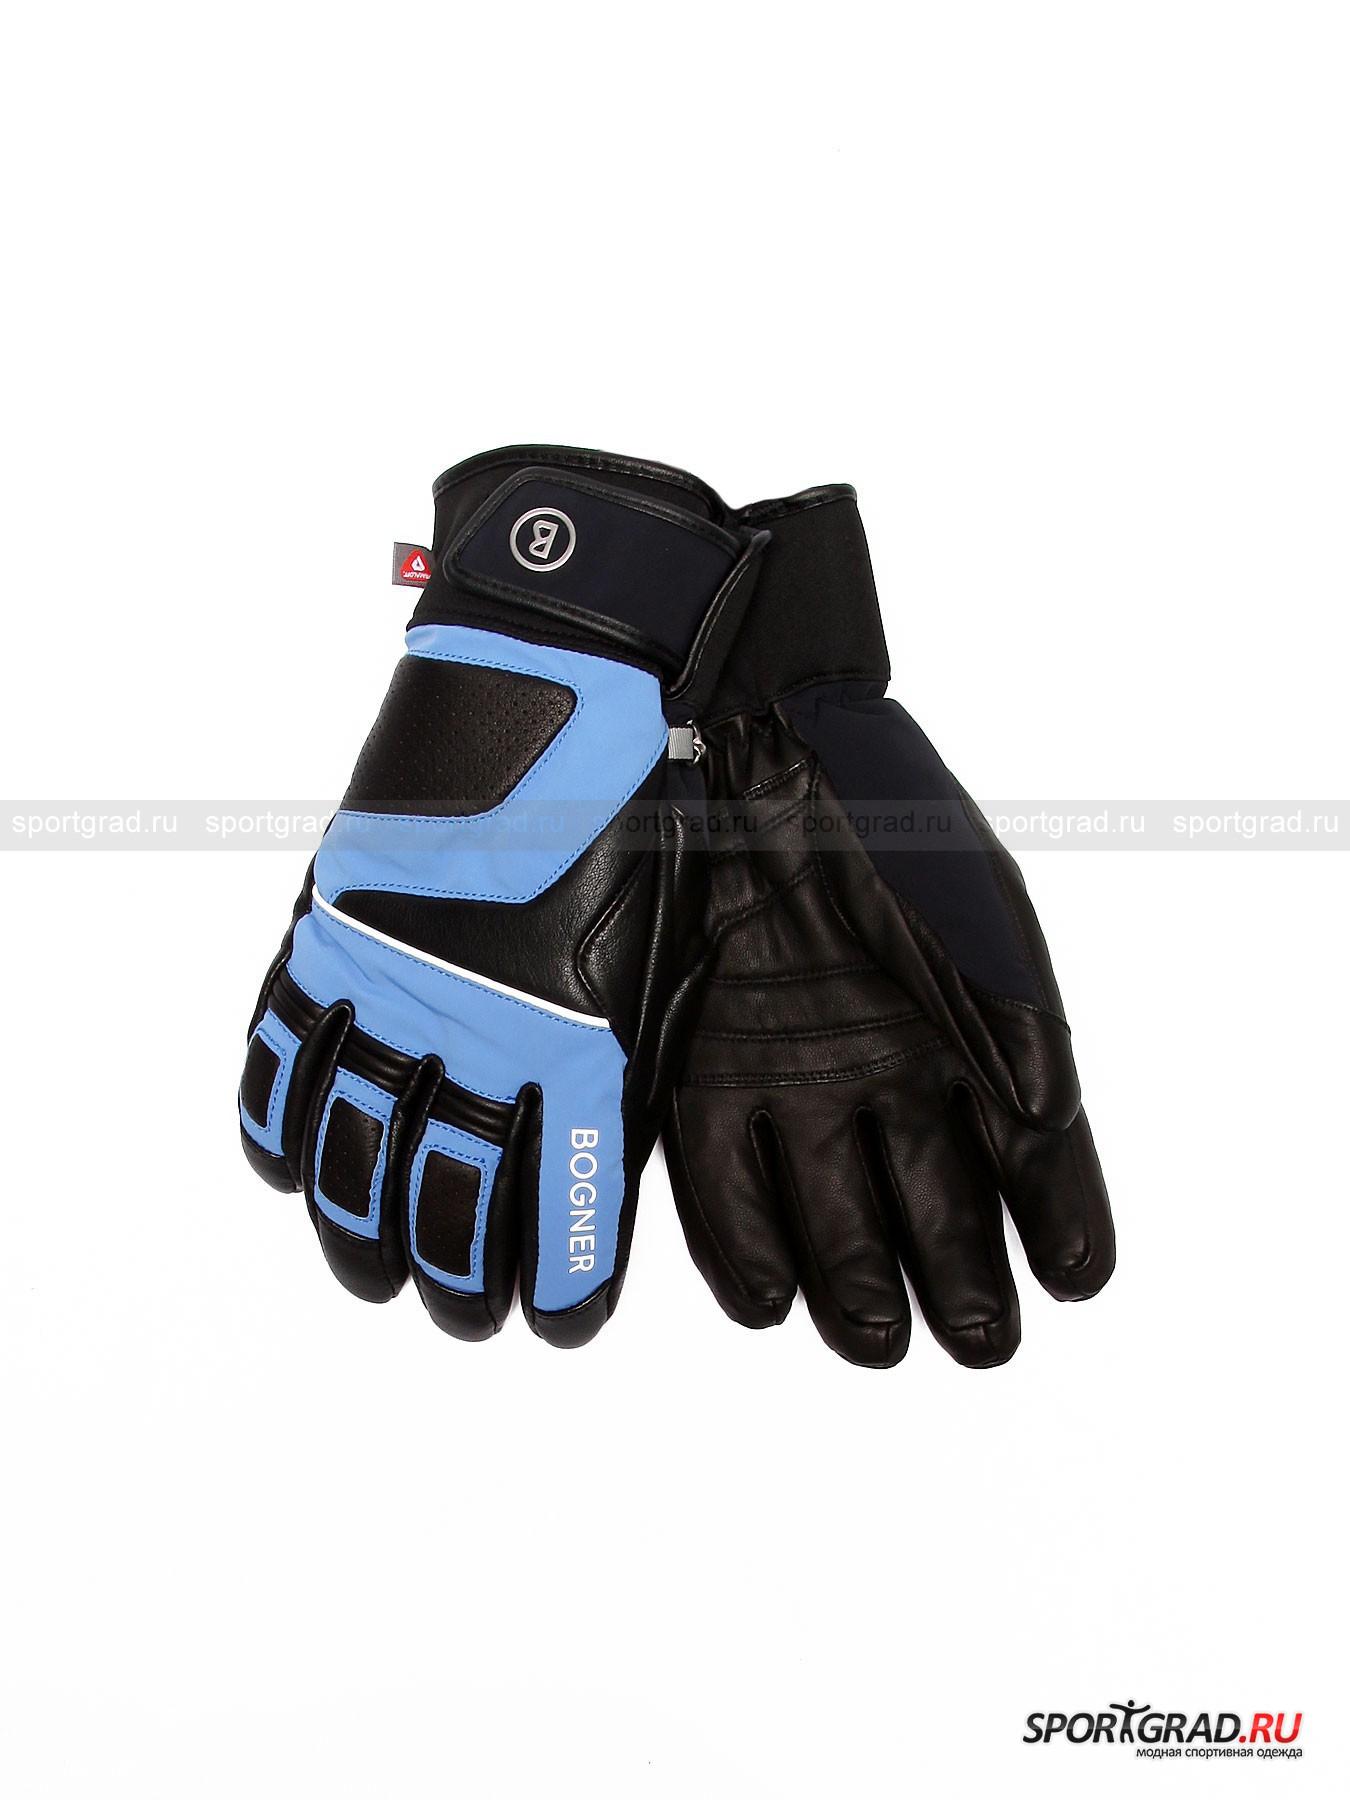 Перчатки мужские горнолыжные Adam R-TEX® XT BOGNERПерчатки, Варежки,Шарфы<br>Мужские горнолыжные перчатки Adam R-TEX® XT BOGNER, «собранные» из материалов нескольких видов, выполнены в рок-стиле и защищены от ветра, морозов и снега посредством мембраны R-TEX® XT. Данная система в союзе с высокотехнологичным наполнителем PrimaLoft® One и мягким ворсом искусственного меха подкладки позволяет коже дышать, выпуская наружу ненужное тепло. <br><br>Модель имеет:<br>-  вставки из натуральной кожи со стороны ладони (моделирующие рельеф сцепления), а также  на пальцах и пястье; <br>- зигзагообразную эластичную сборку на резинку в районе запястья, надежно фиксирующую изделие;<br>-  манжету, отмеченную фирменным логотипом и снабженную корректирующим обхват хлястиком на липучке;<br>- металлические полукольца на каждой из перчаток, за счет соединения которых (при помощи карабина) их можно прикрепить к соответствующему держателю на куртке;<br>- износоустойчивые петли для вешалки;<br>- светоотражающие бейку и наименование торгового дома на указательном пальце.<br><br>Пол: Мужской<br>Возраст: Взрослый<br>Тип: Перчатки, Варежки,Шарфы<br>Рекомендации по уходу: Изделию показана сушка в подвешенном виде. Запрещены стирка, глажка, химчистка, отбеливание и сушка в стиральной машине или электросушилке для белья.<br>Состав: Поверхность: 50% кожа, 40% полиамид, 10% резина. Подкладка: 100% полиэстер. Наполнитель: 100% полиэстер.